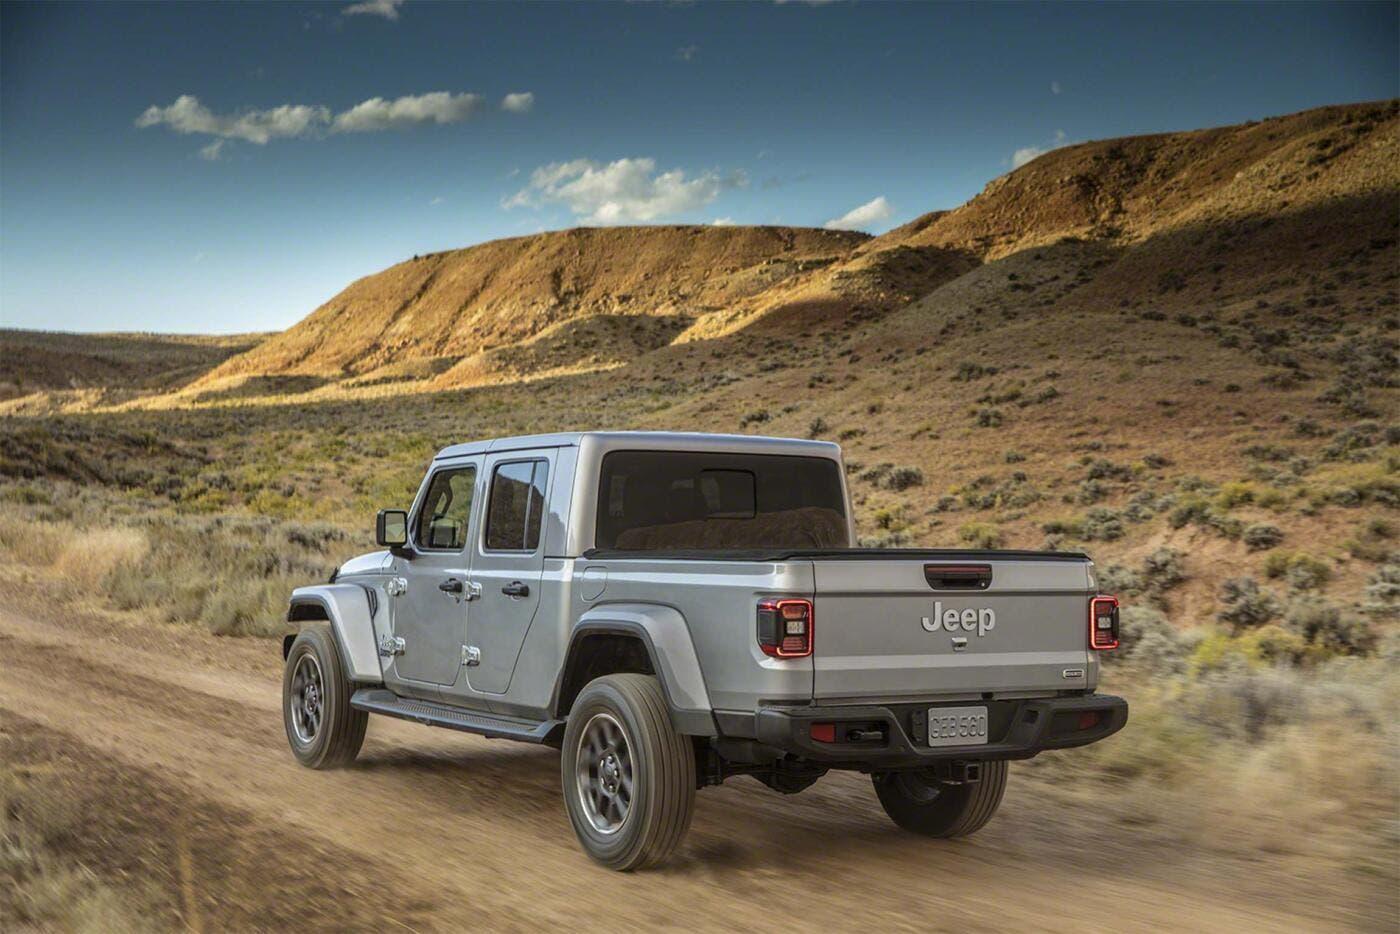 Jeep Gladiator Il Prezzo Medio Per L Acquisto E Di 56 000 Dollari